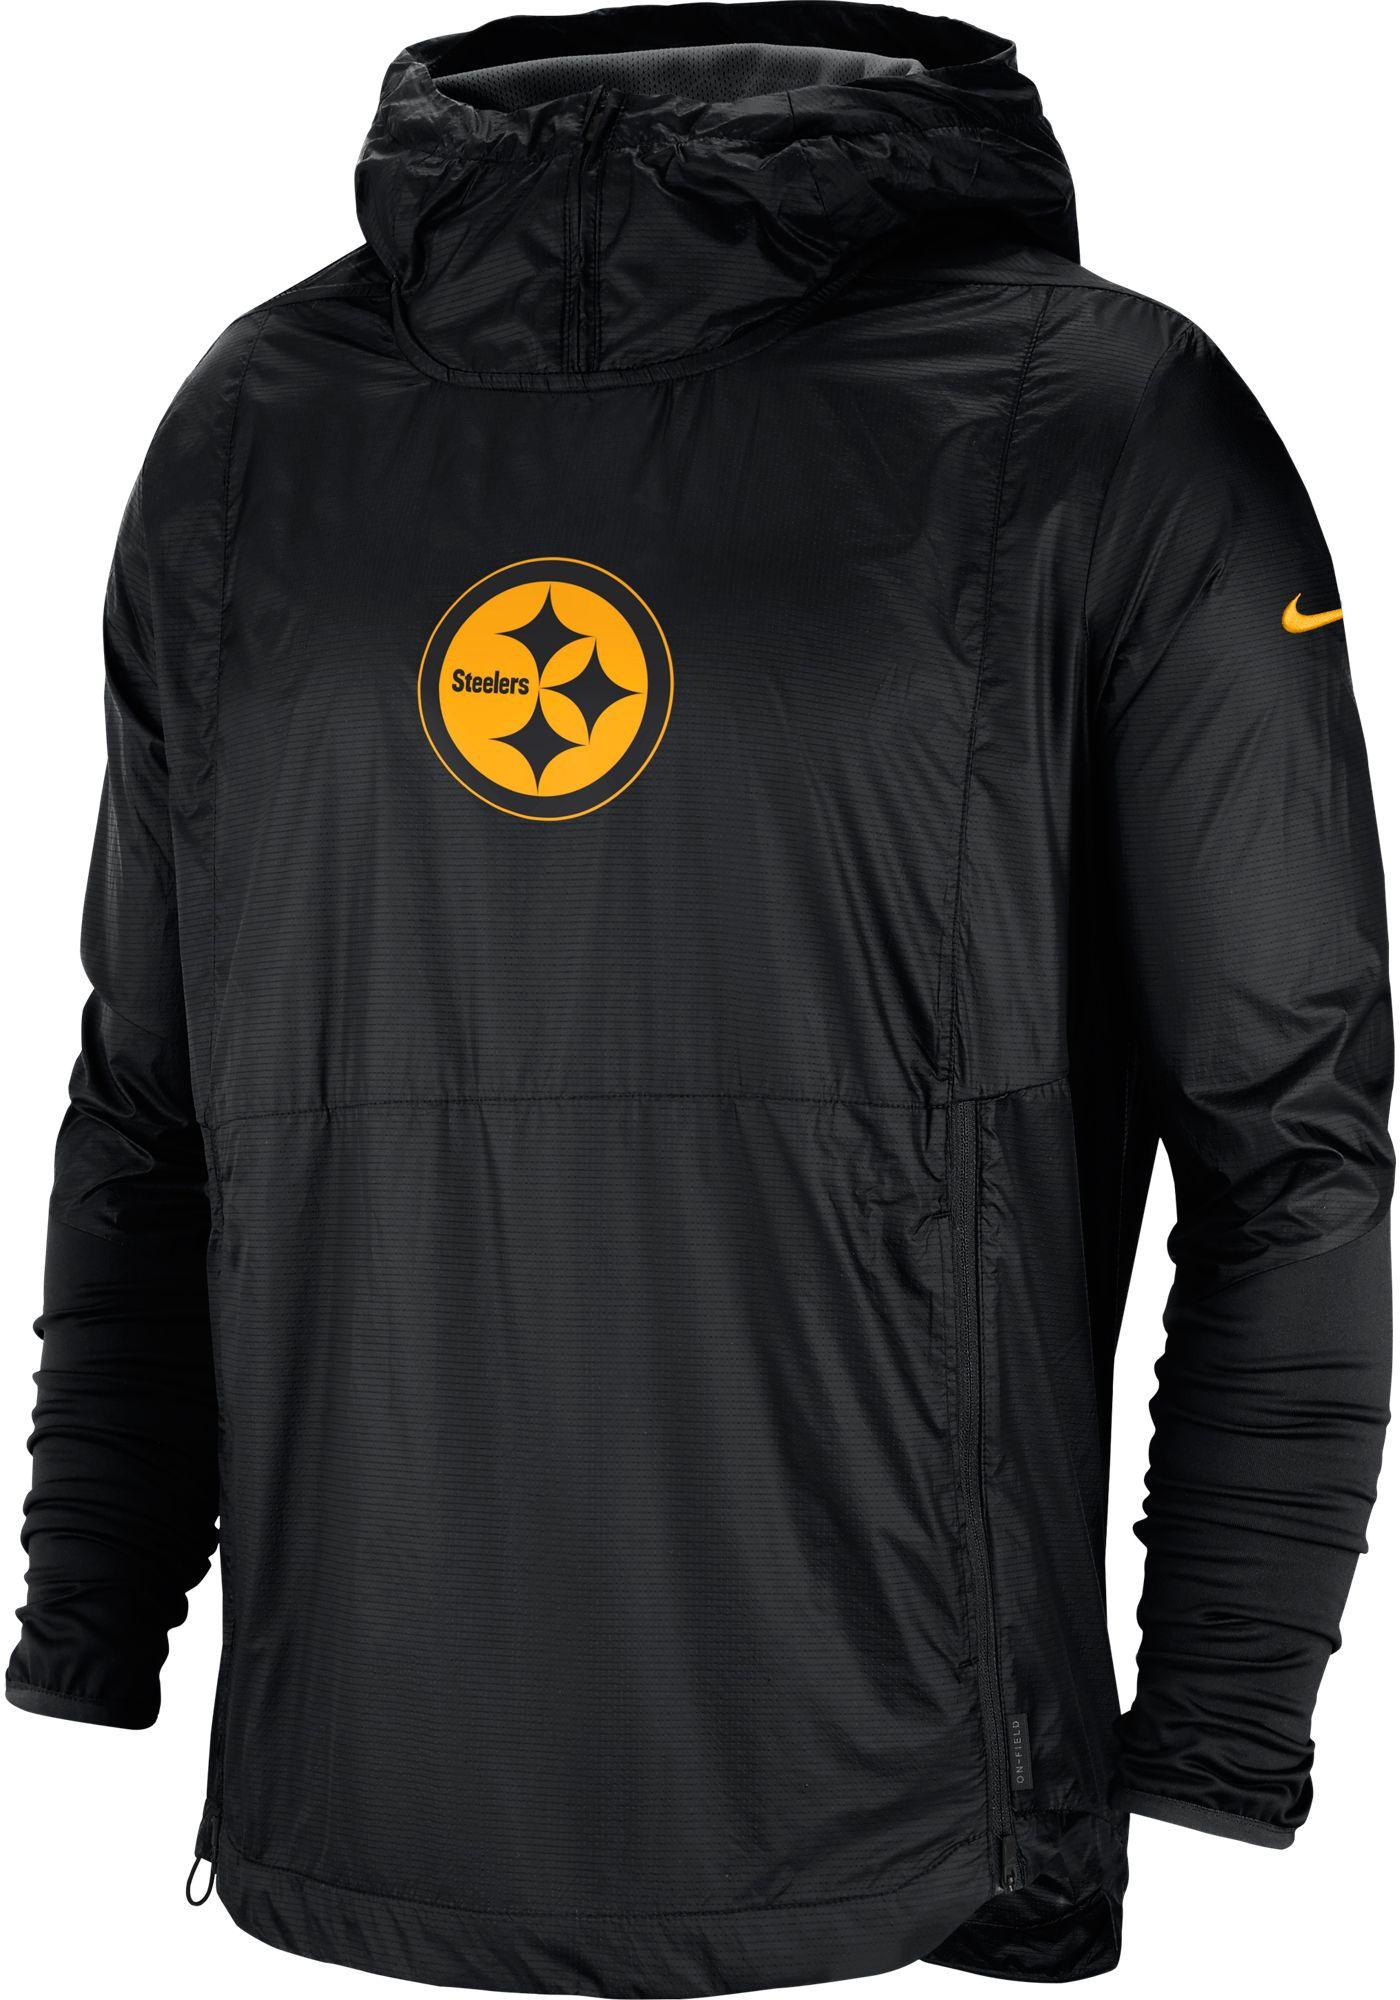 Nike Men's Pittsburgh Steelers Sideline Repel Player Black Jacket